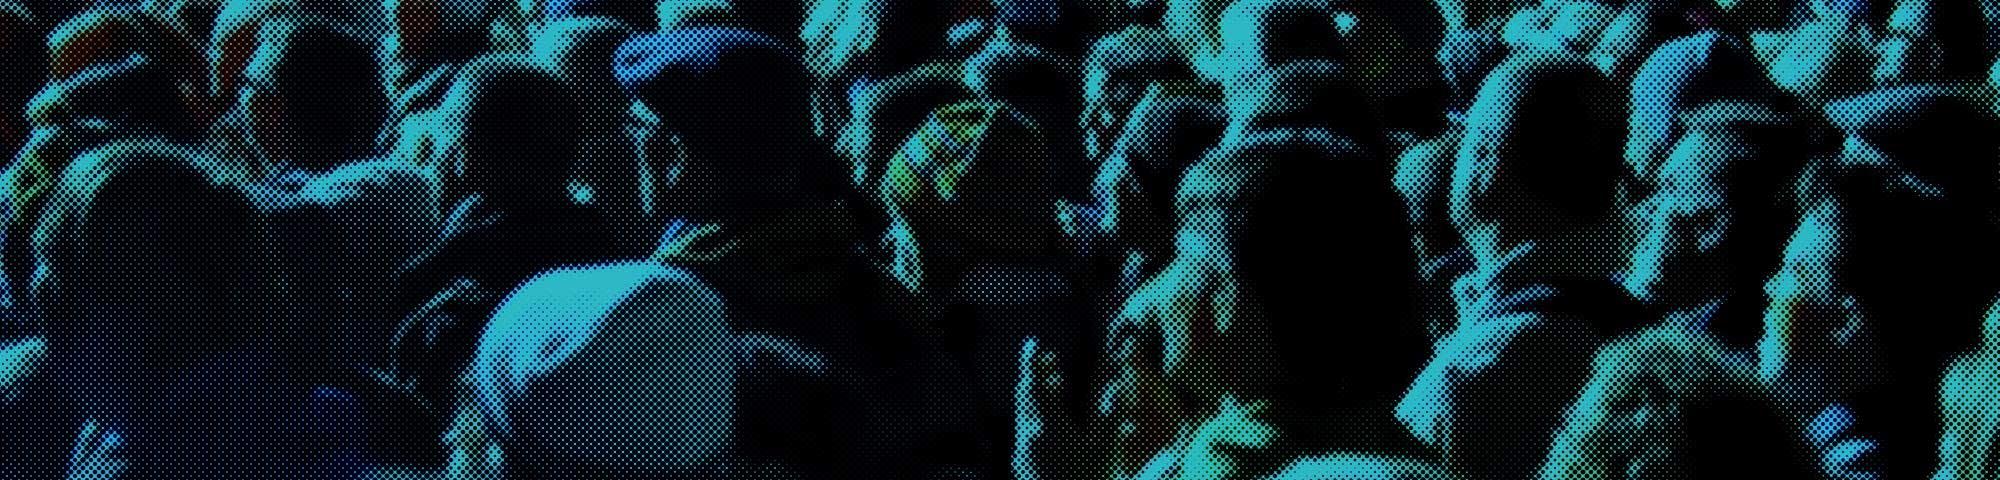 Image of Header_Turq_Audience.jpg